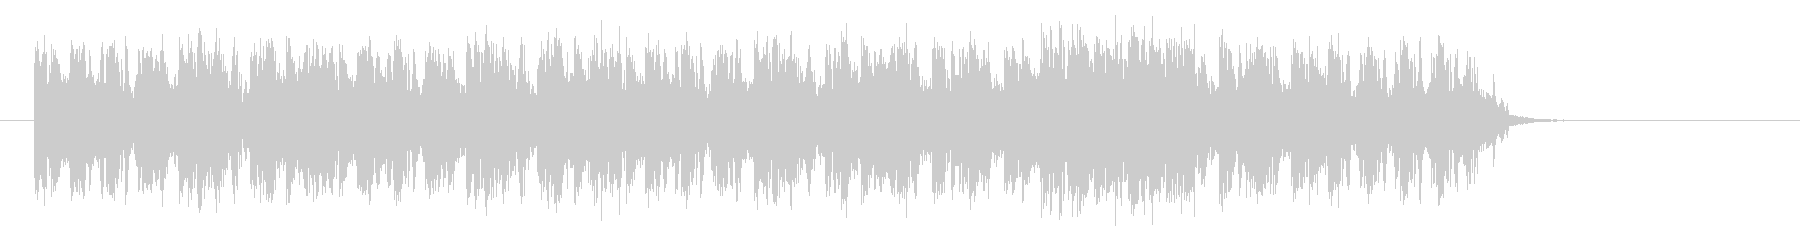 ベースが効いたインパクトのあるロックな曲の未再生の波形